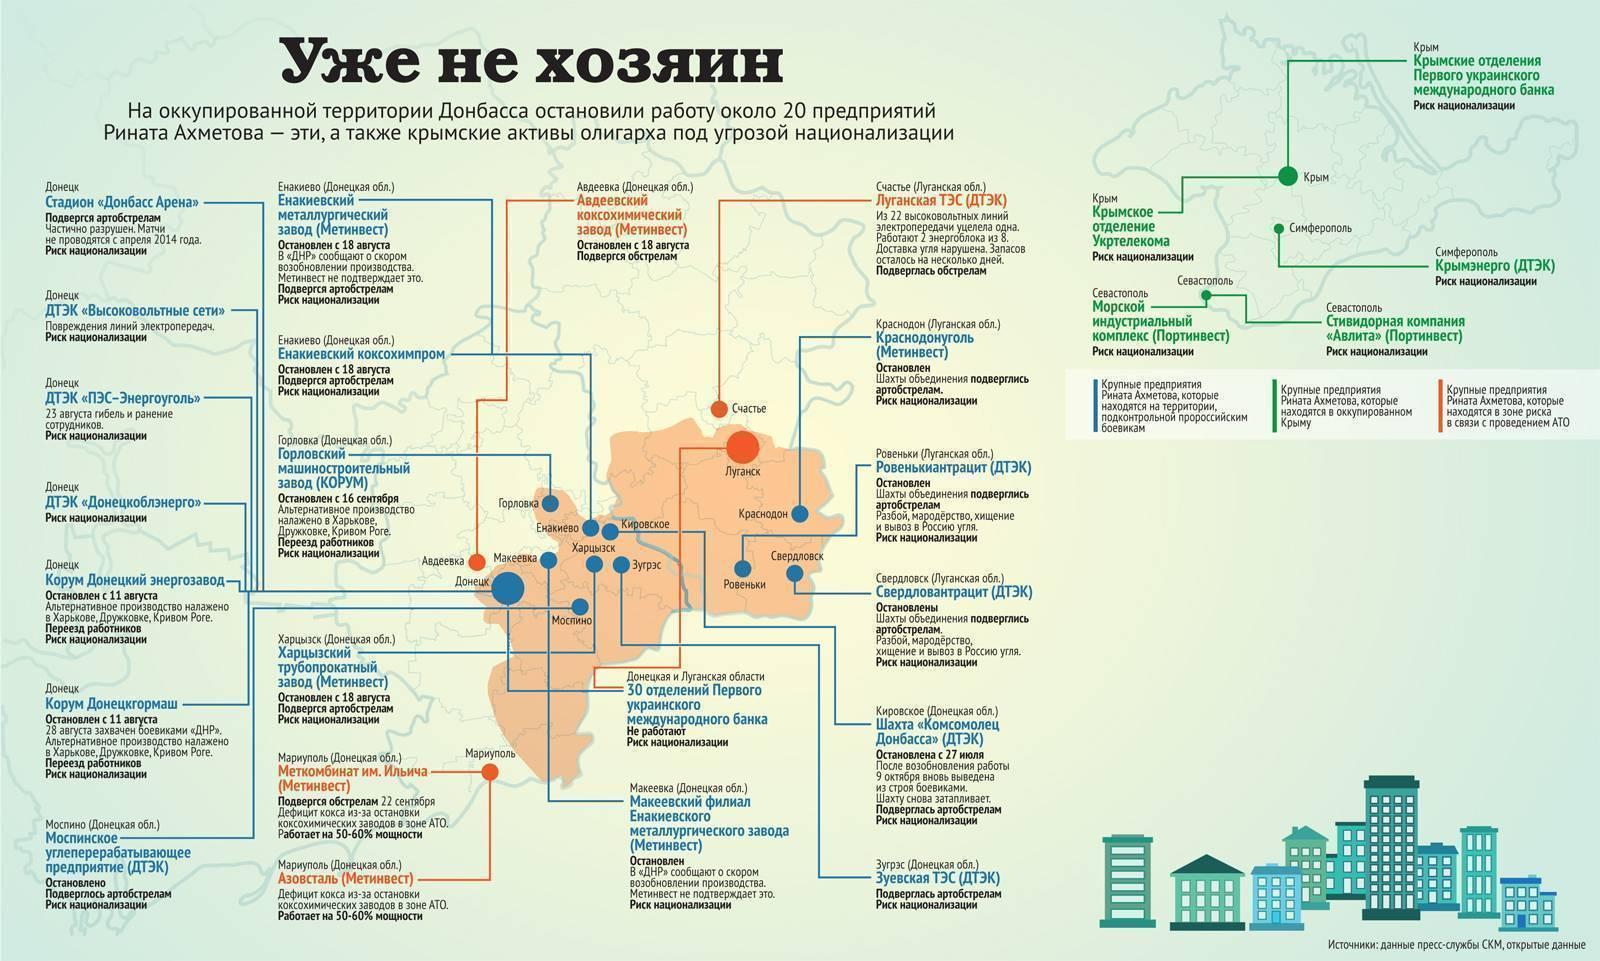 Что ждет бизнес-империю Ахметова